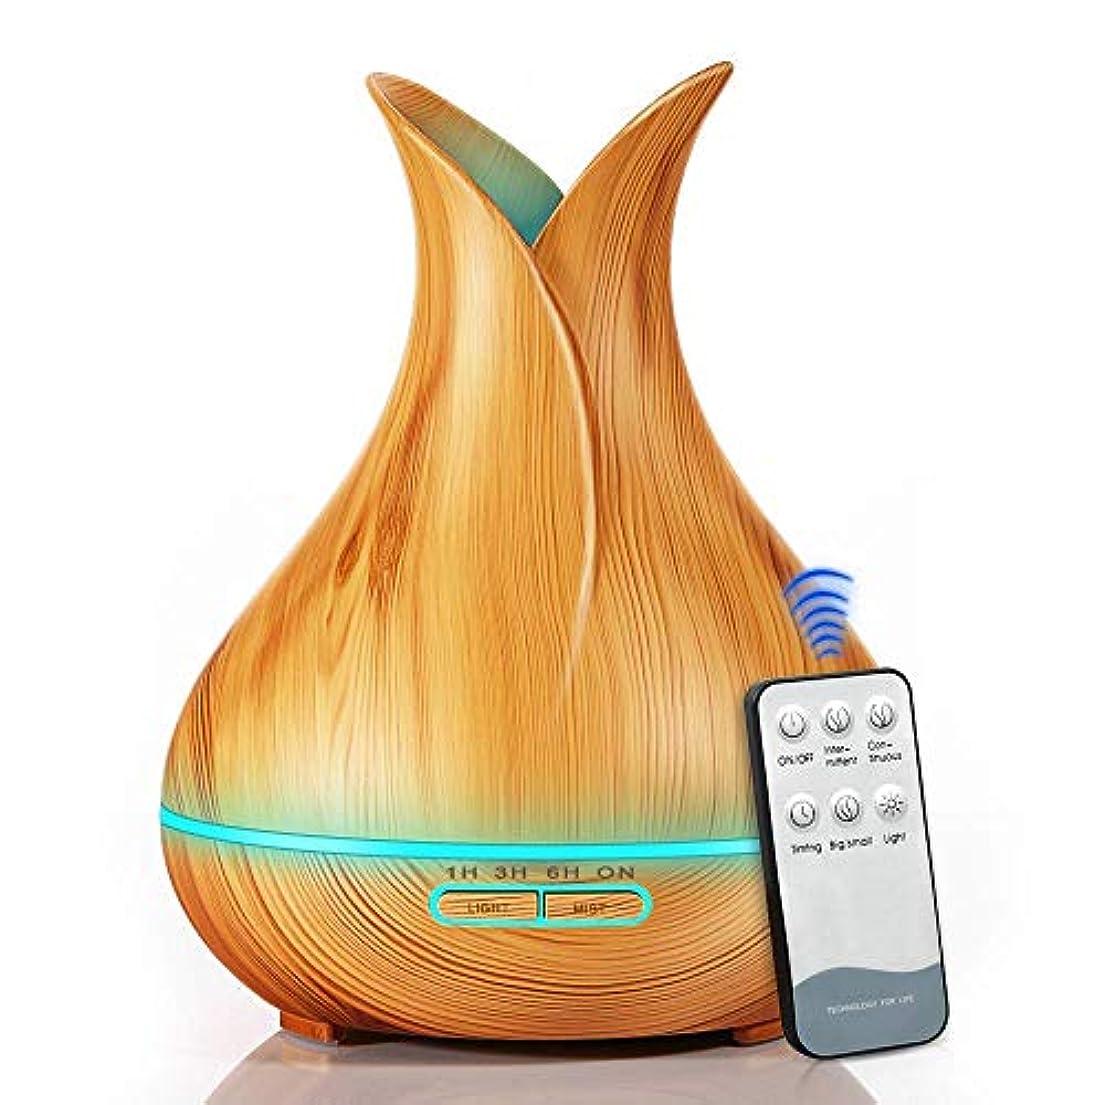 400Mlアロマエッセンシャルオイルディフューザーリモコン超音波加湿器、ウッドグレイン7色LED点灯タイマー設定,Brown